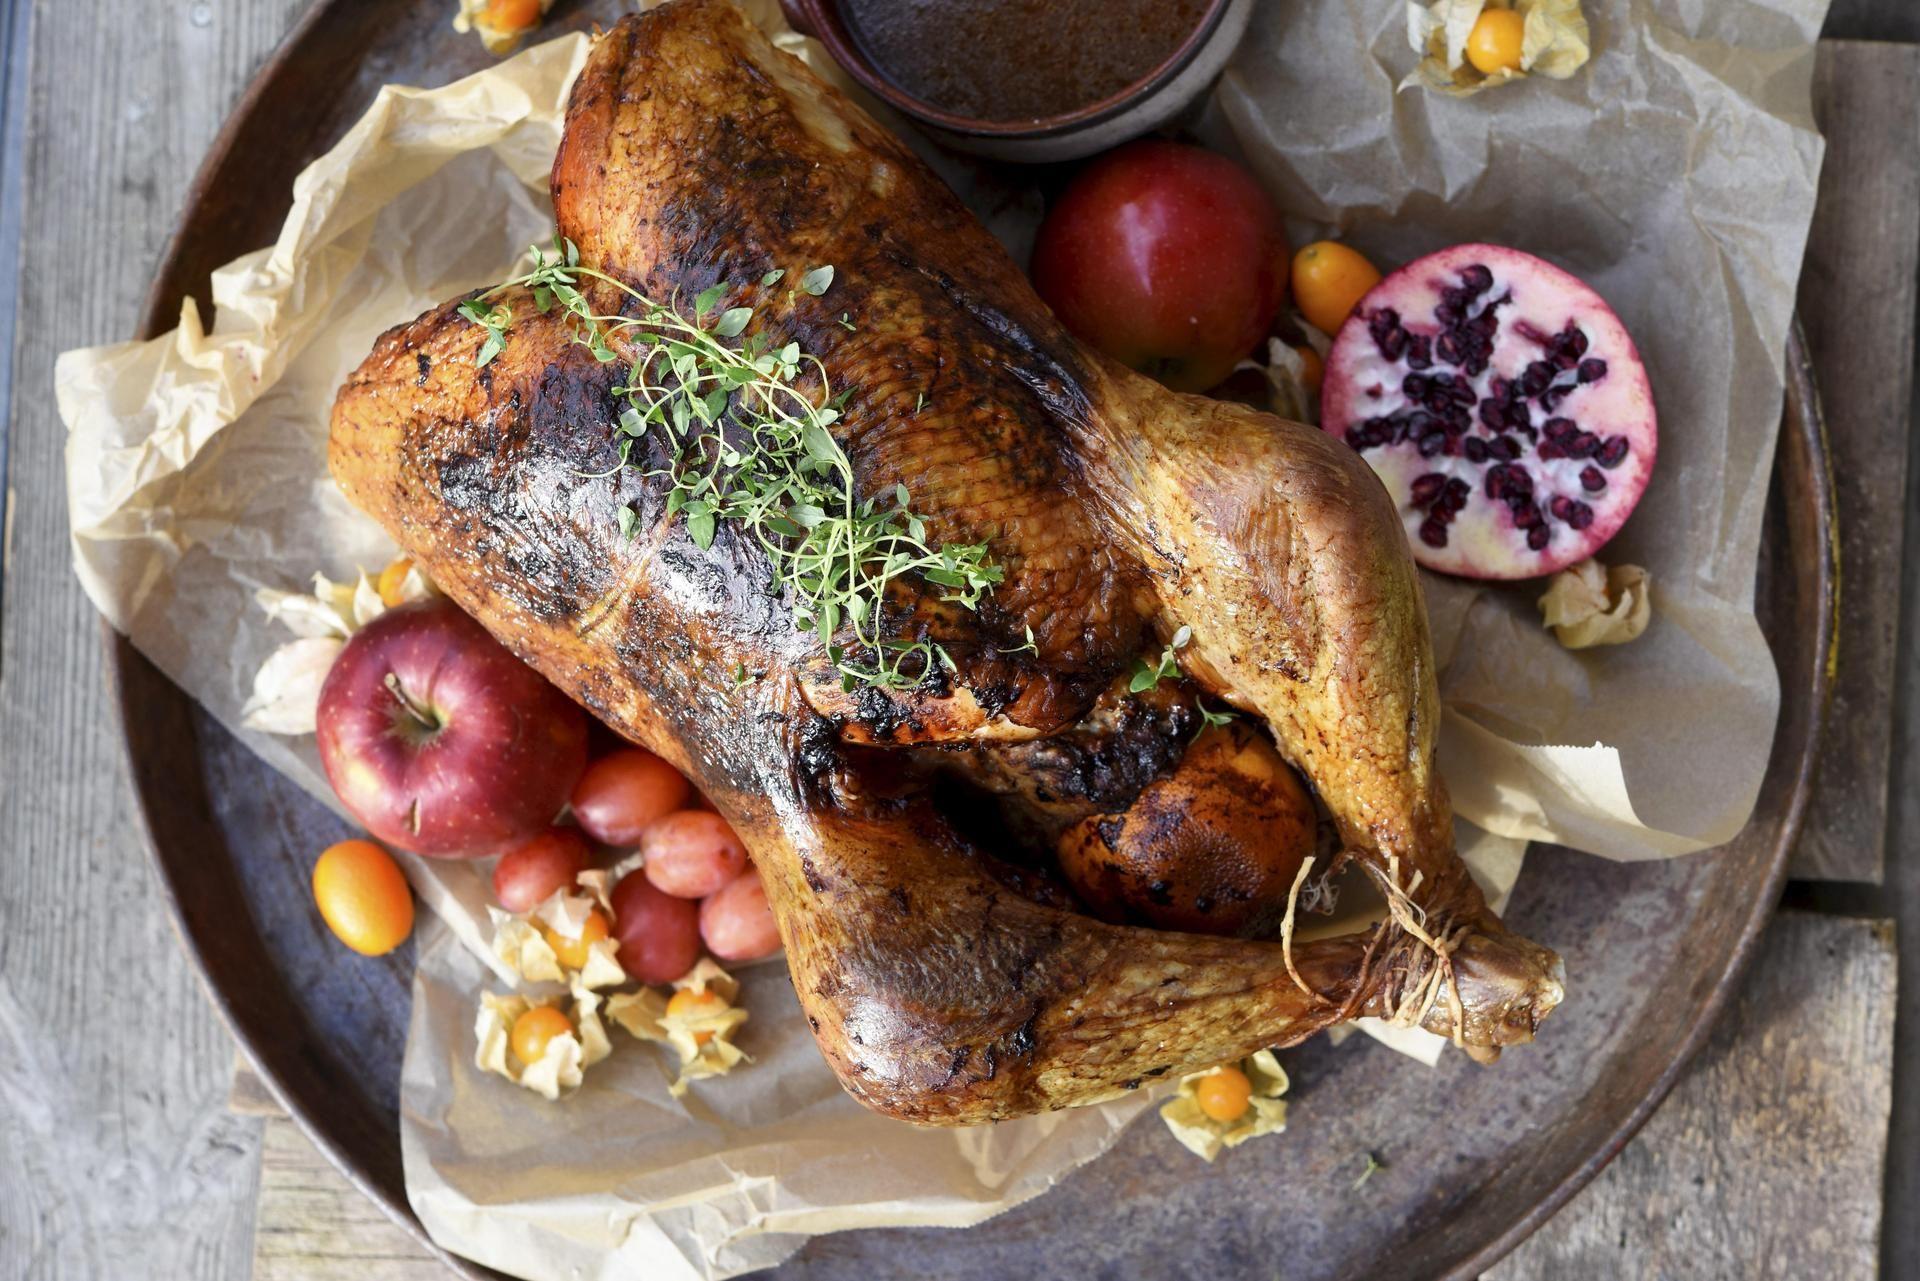 Pähkinöillä ja kananpojan jauhelihalla täytetty kalkkuna on joulupöydän kruunu.